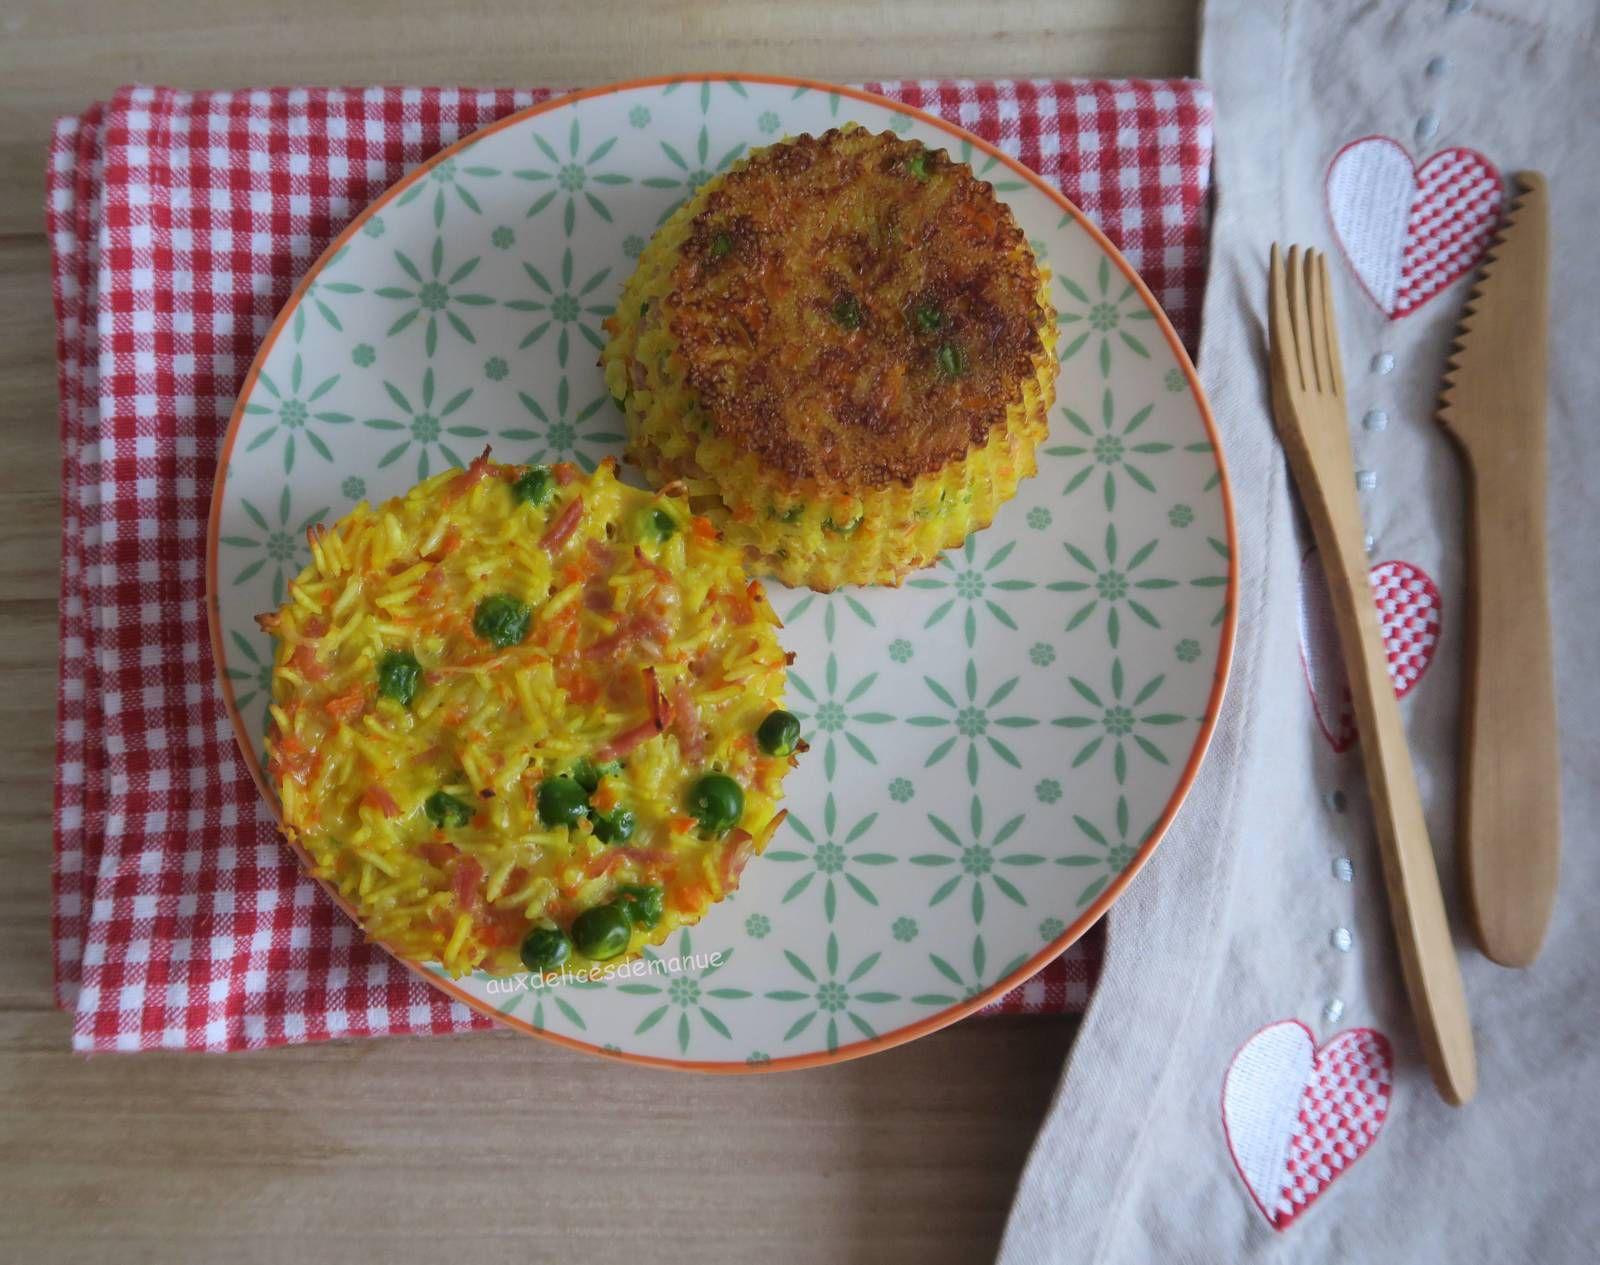 riz,basmati,gâteau de riz,petit-pois,carotte,légumineuses